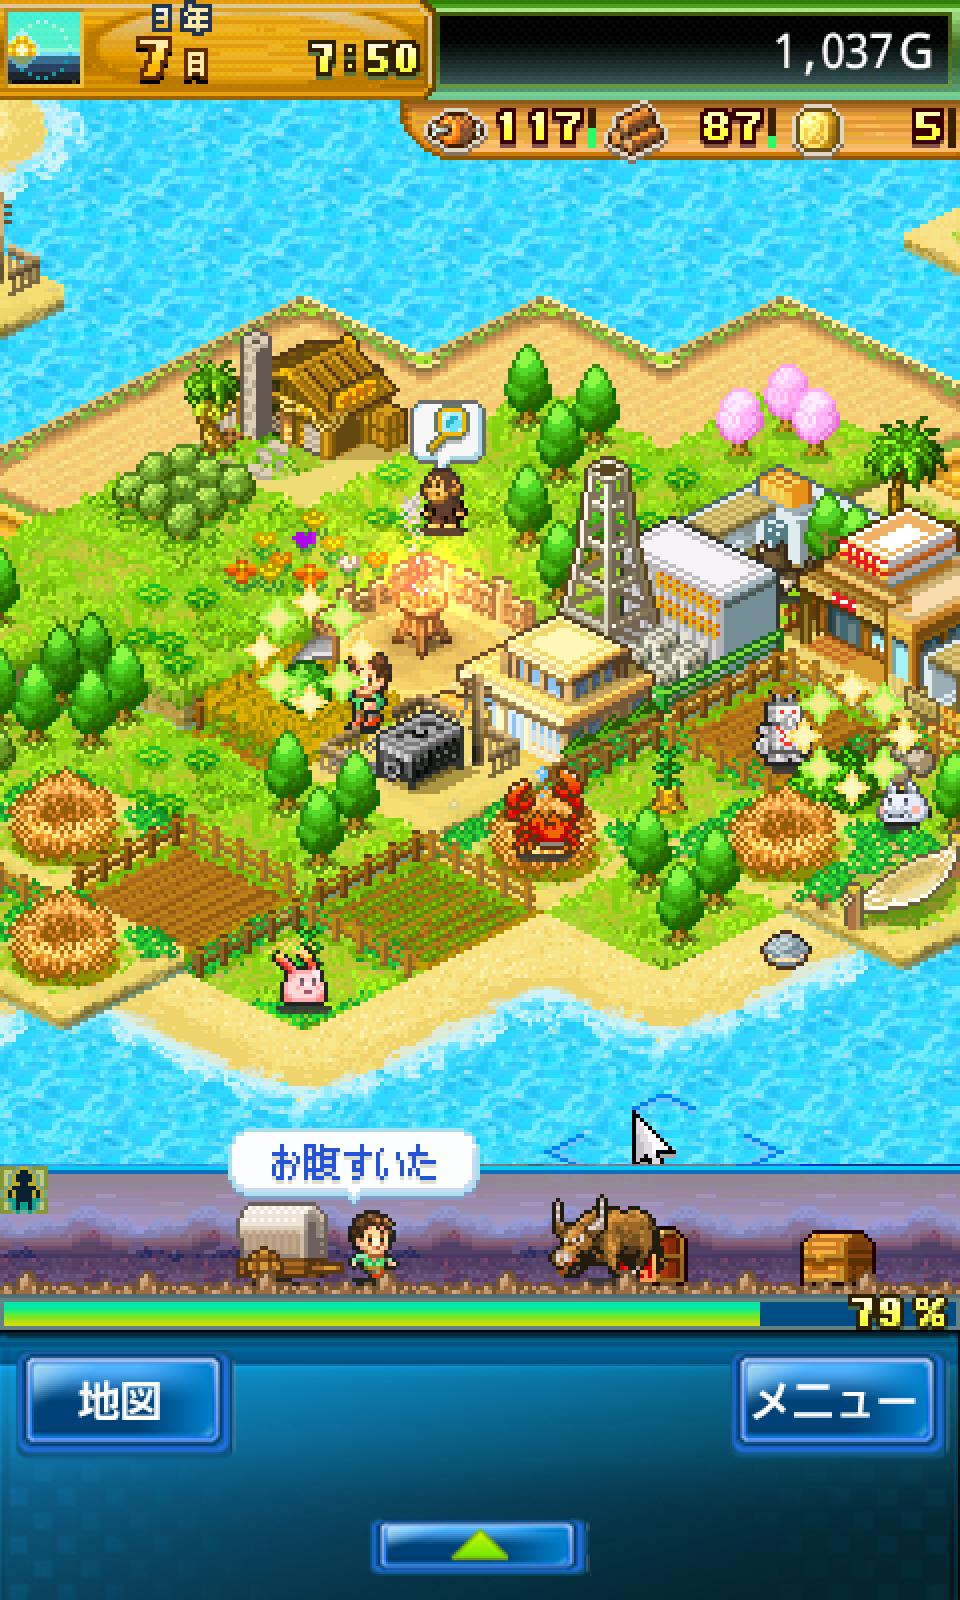 開拓サバイバル島 screenshot #10